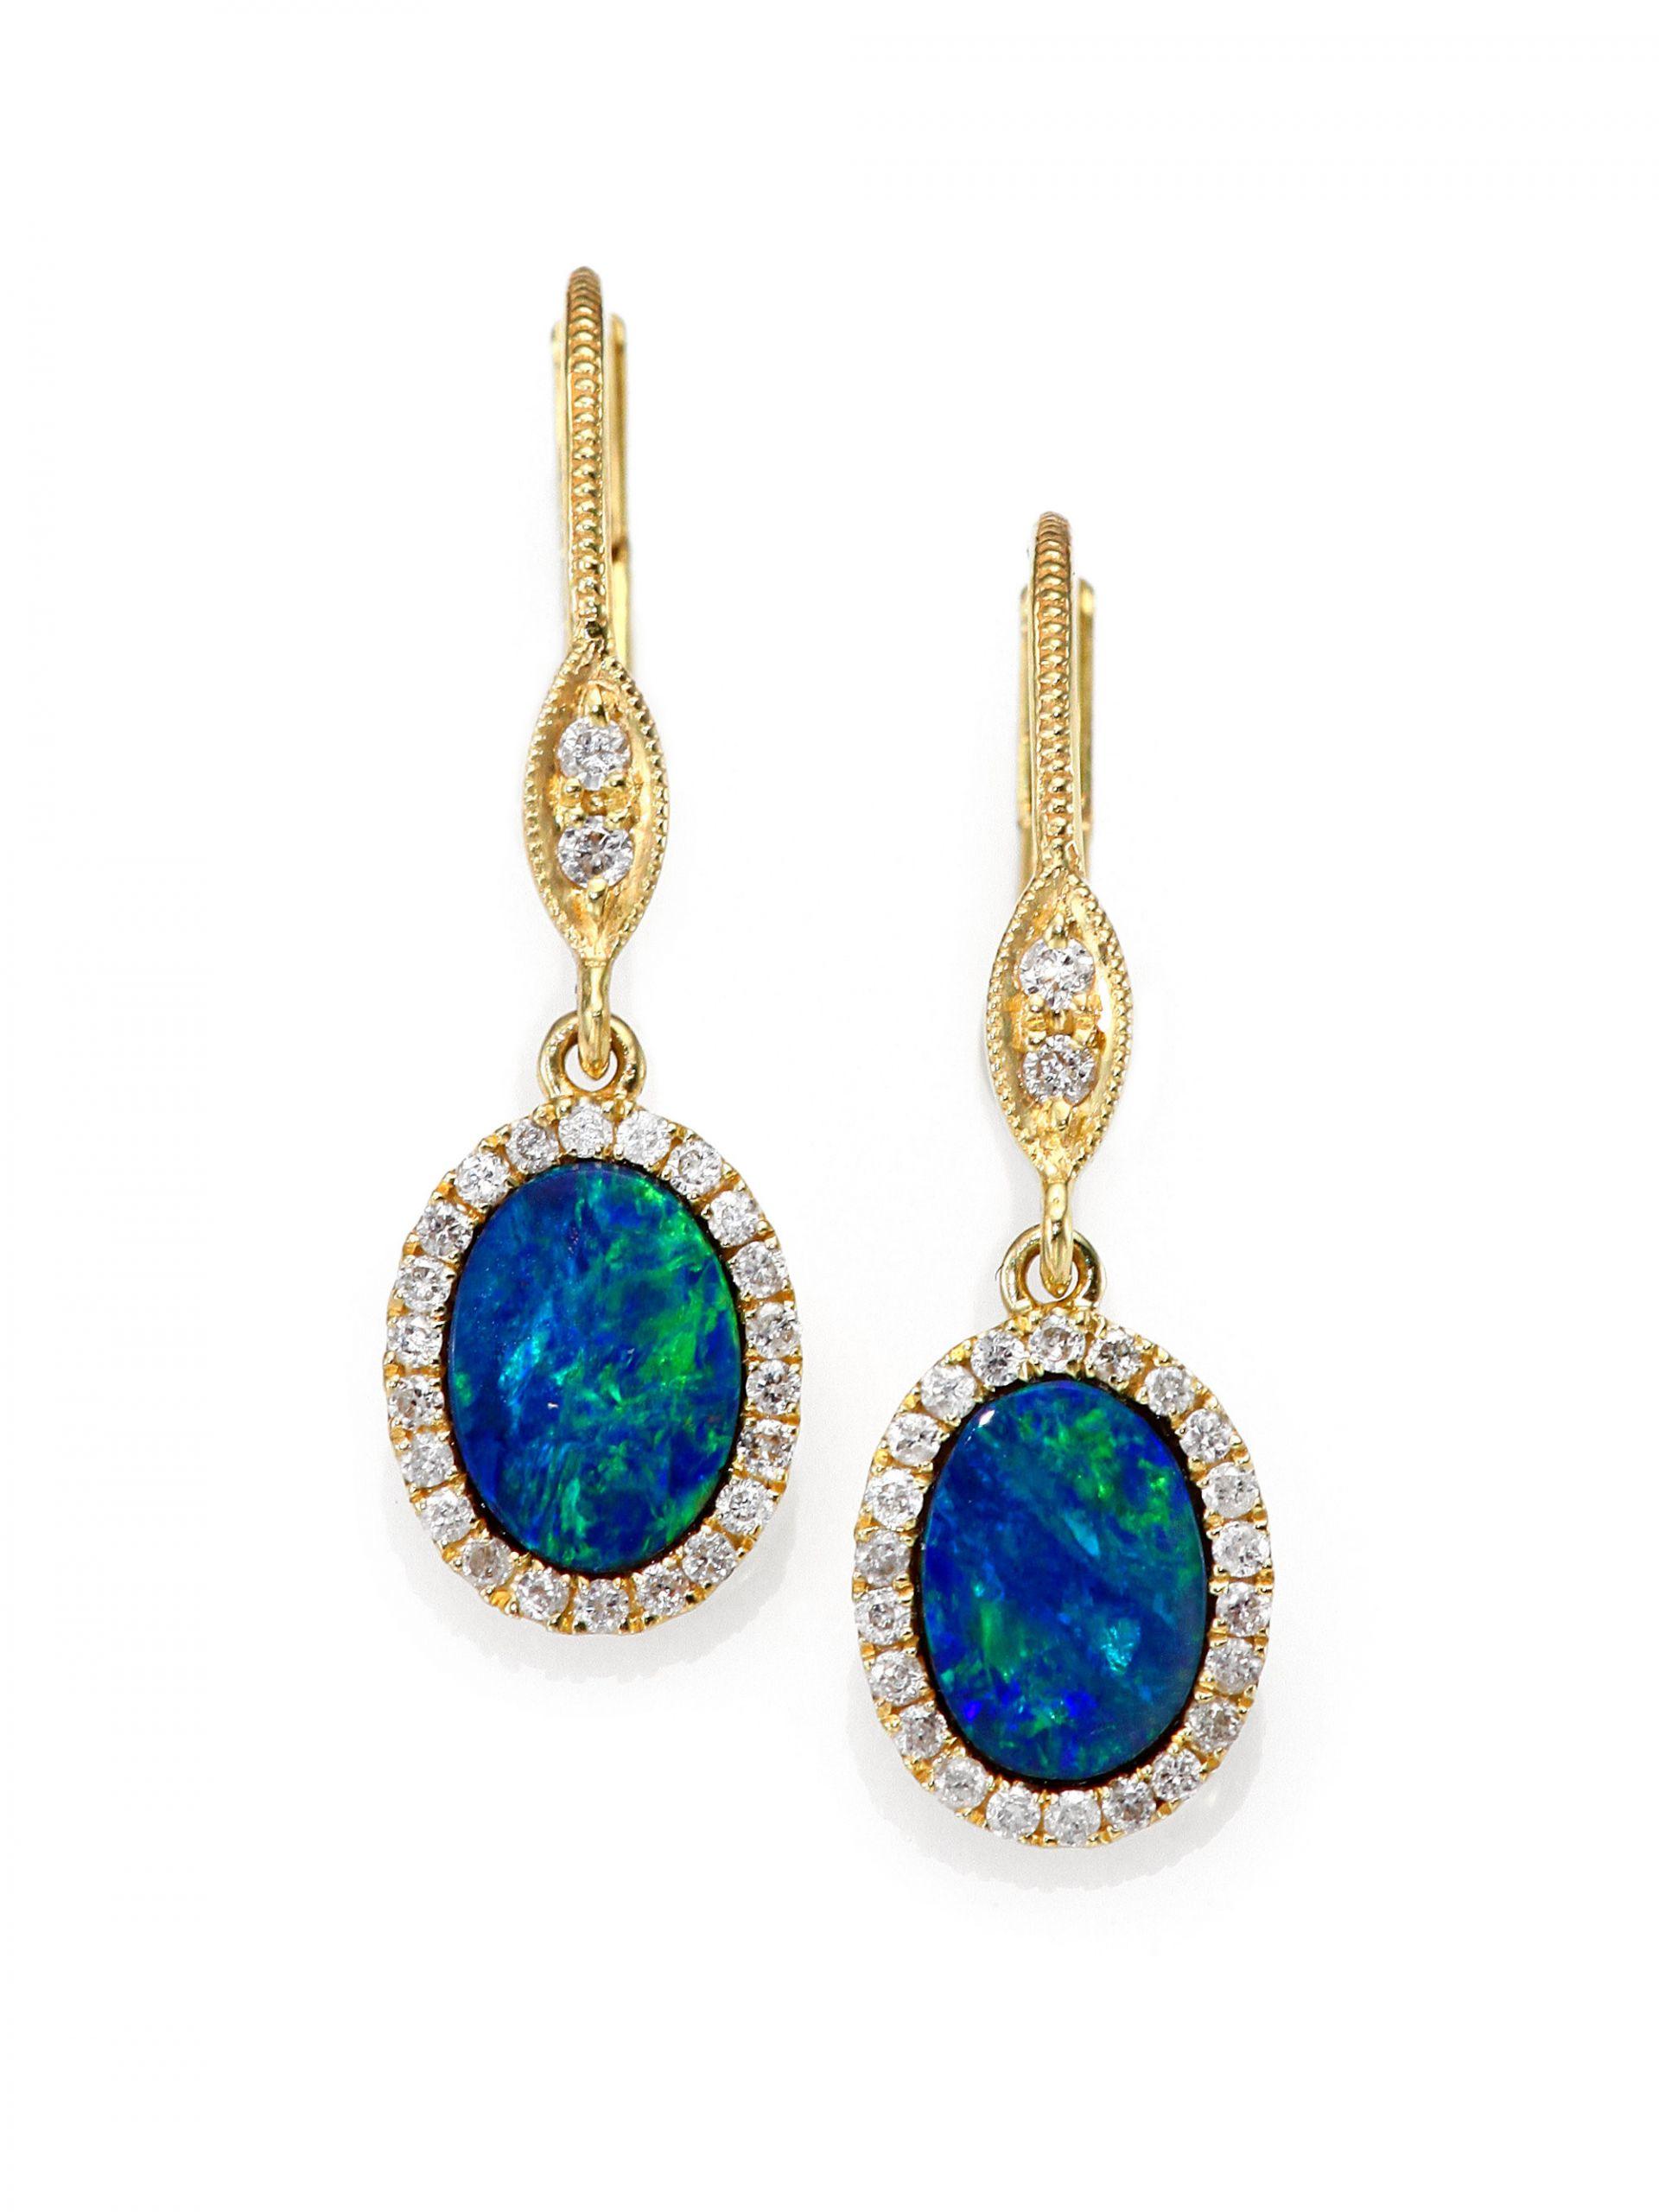 Blue Opal Earrings  Meira t Blue Opal Diamond & 14k Yellow Gold Drop Earrings